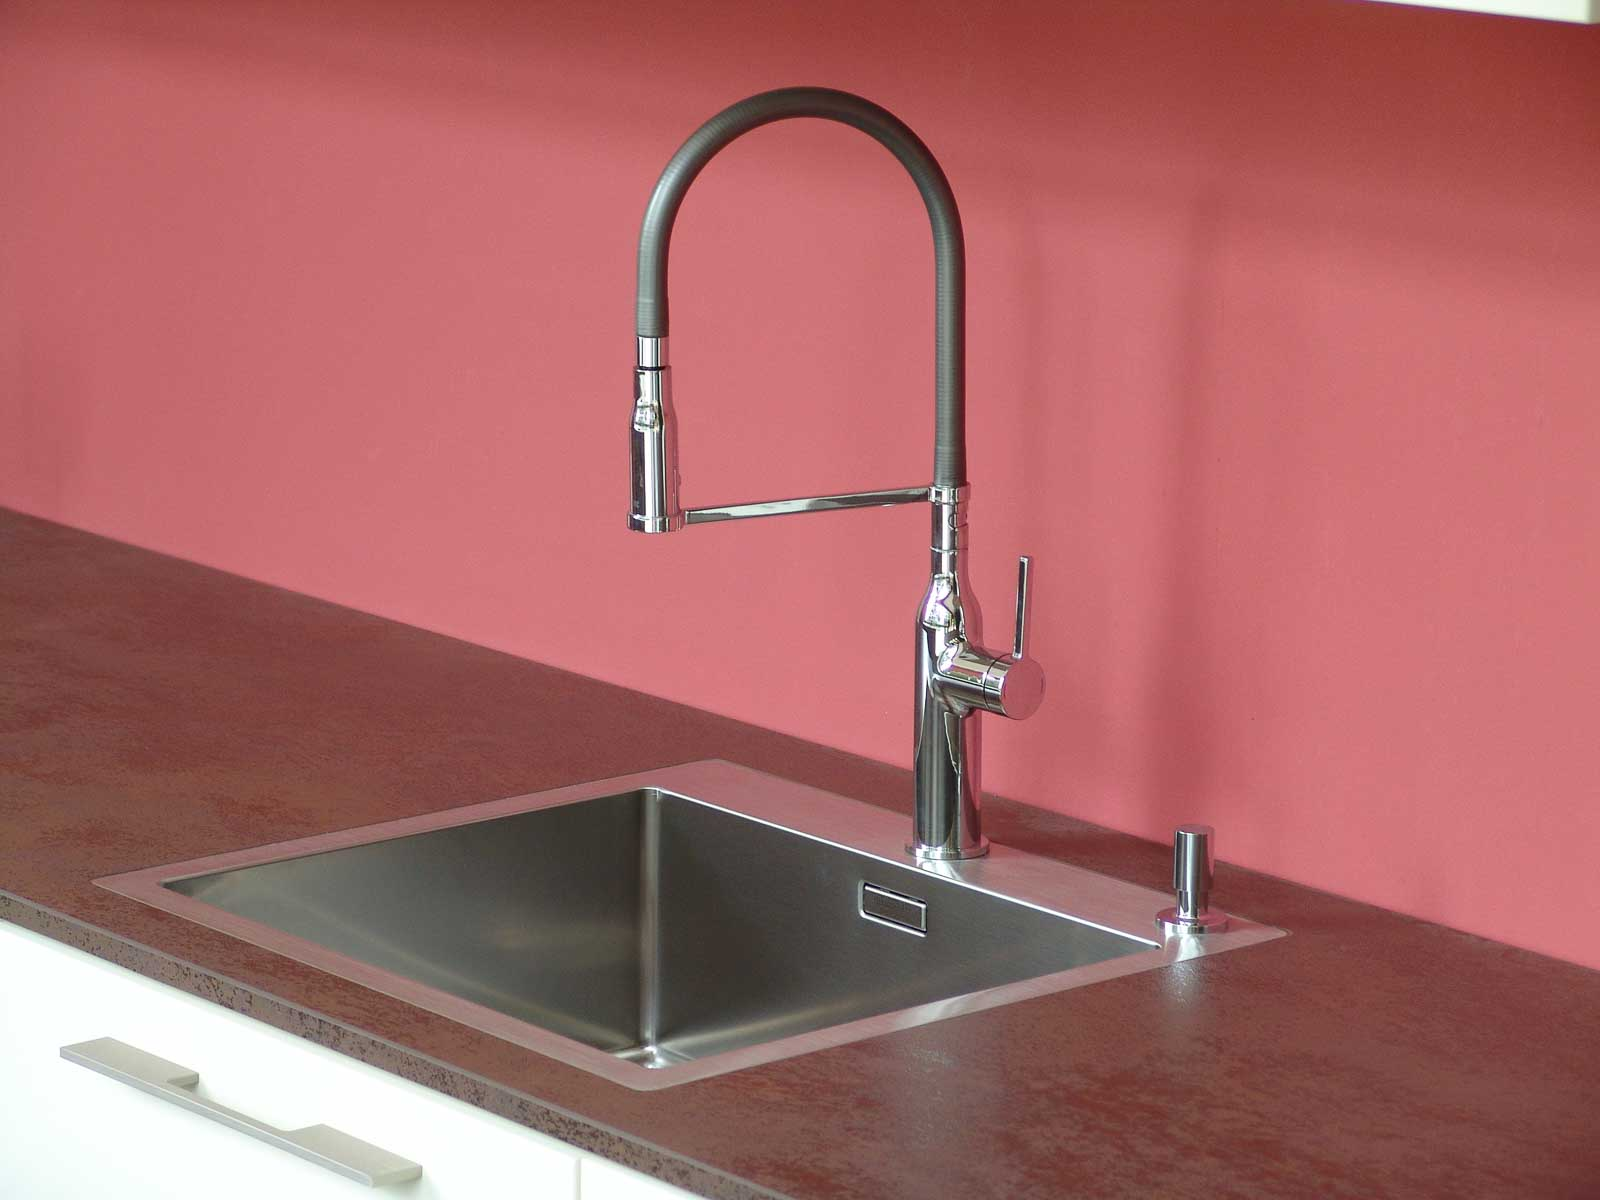 Jödicke Design - Showroom - Küche Wasserhahn